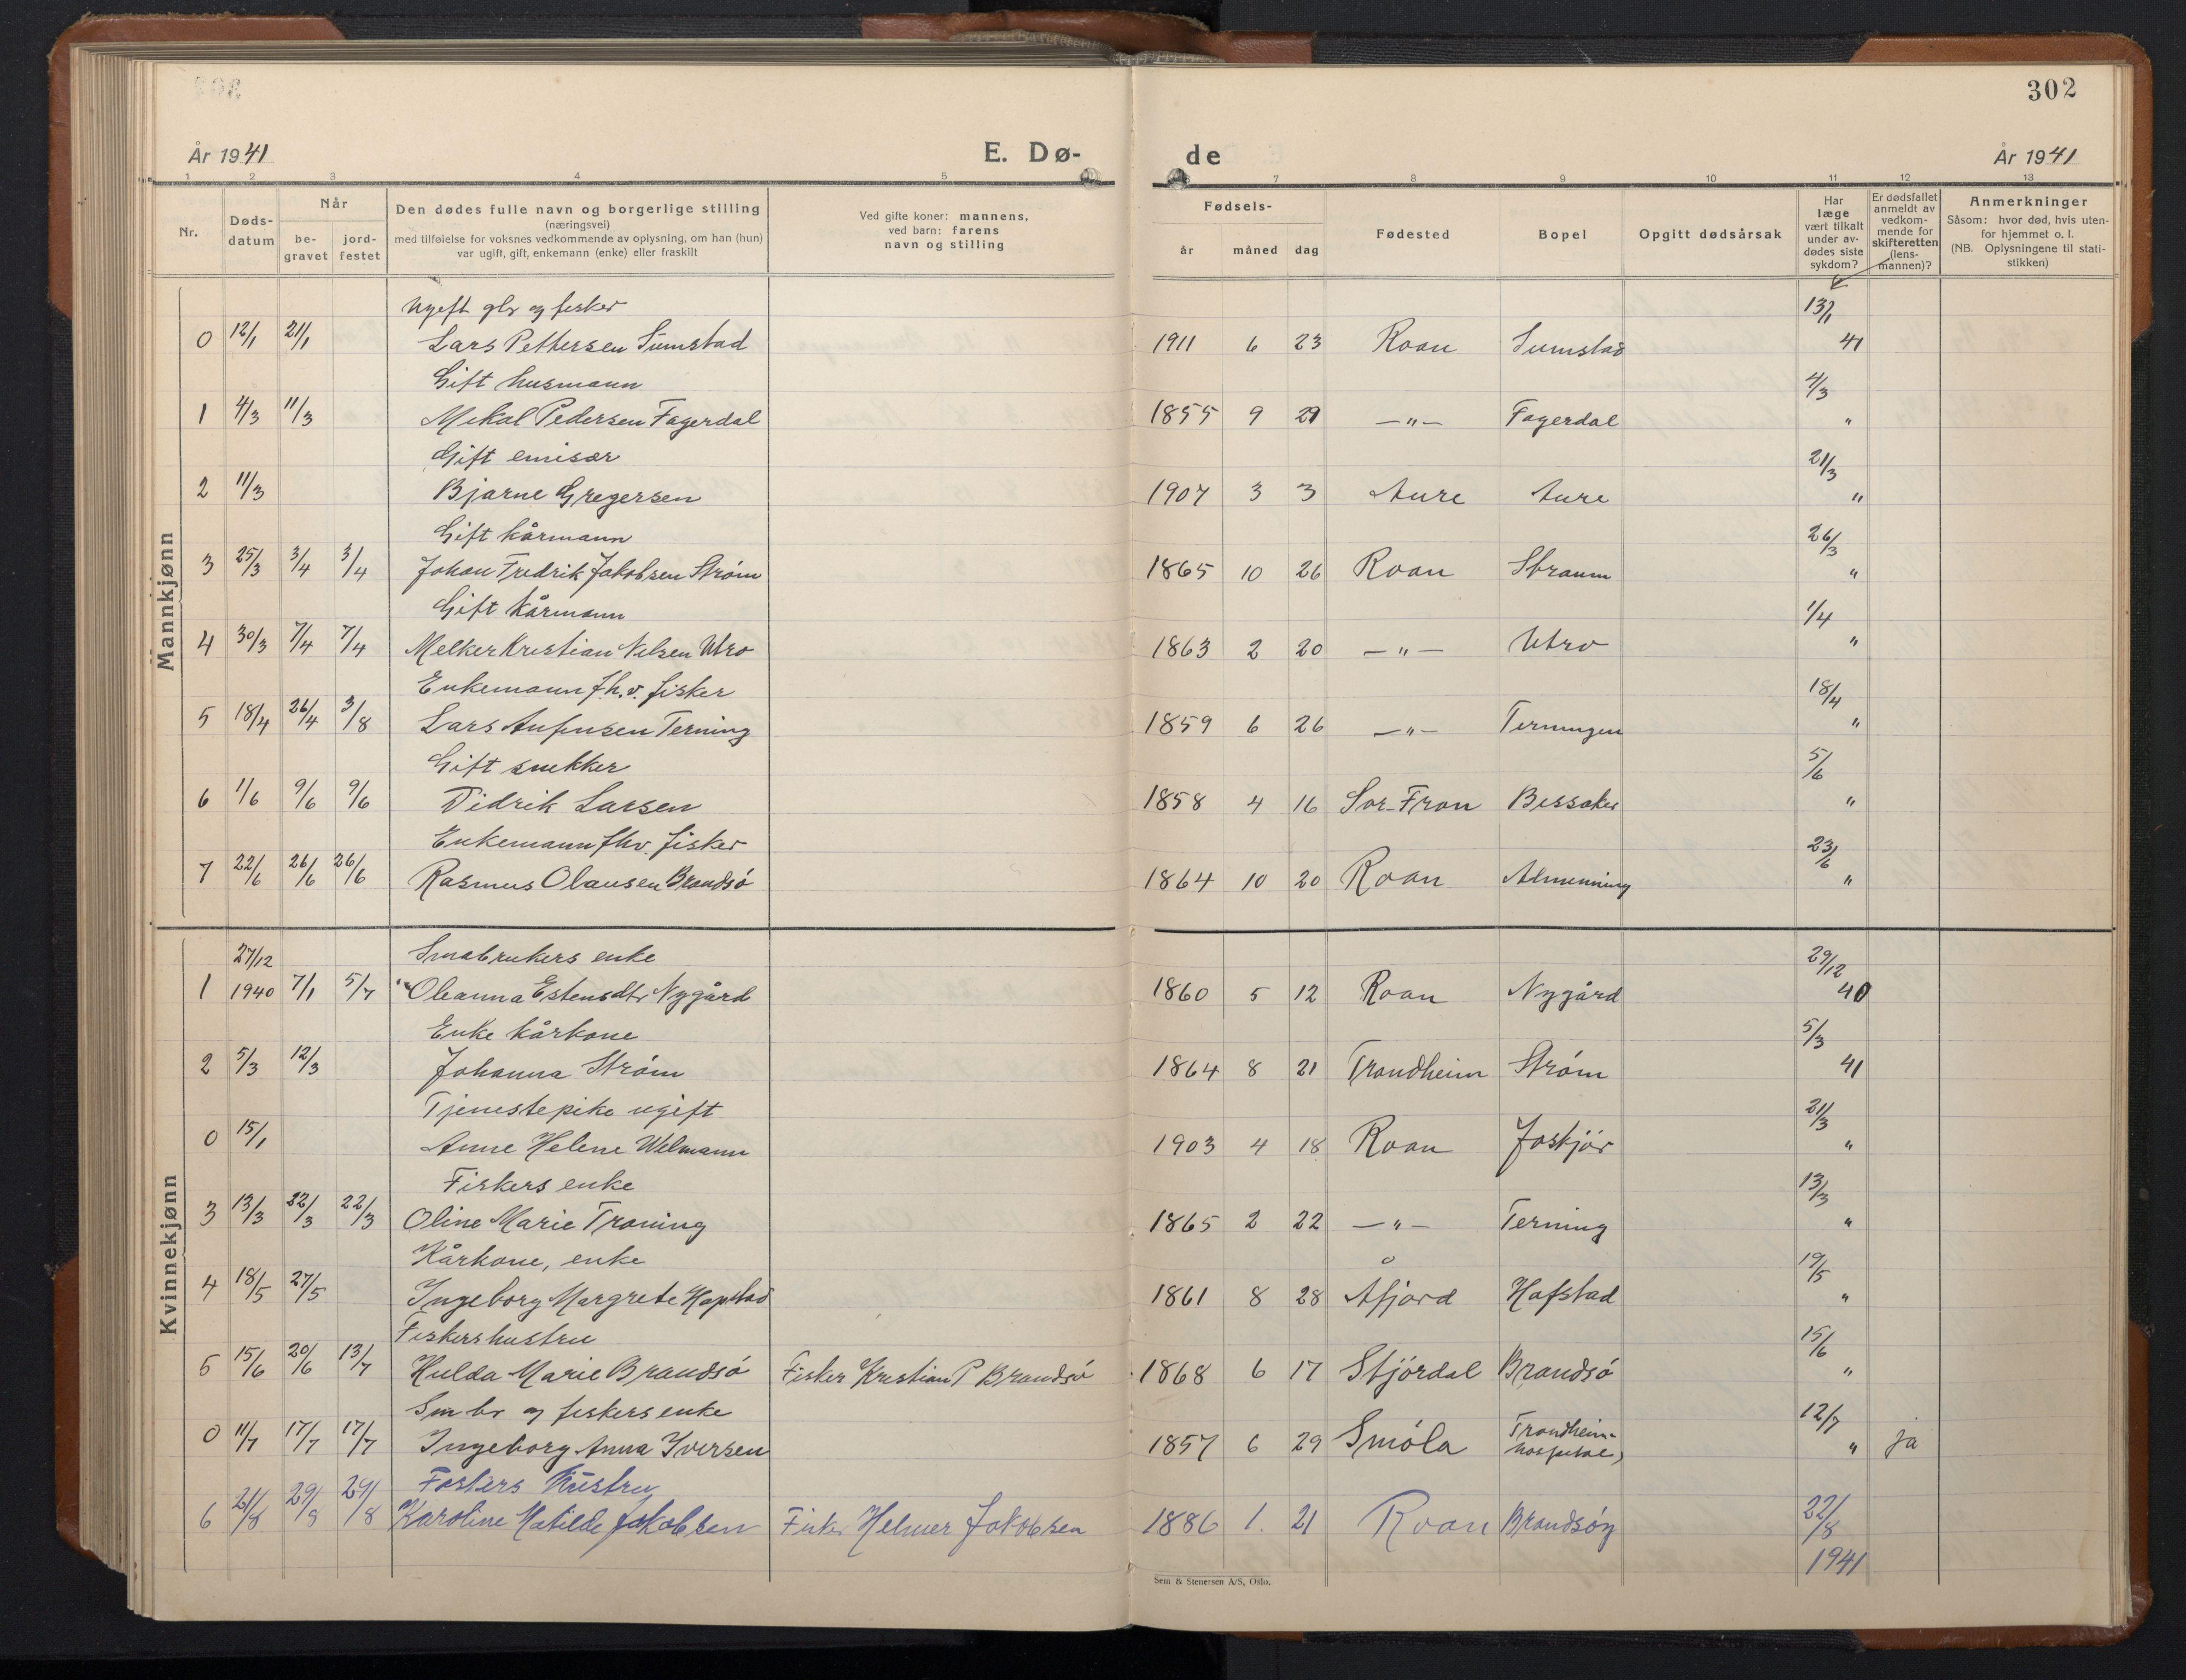 SAT, Ministerialprotokoller, klokkerbøker og fødselsregistre - Sør-Trøndelag, 657/L0718: Klokkerbok nr. 657C05, 1923-1948, s. 302